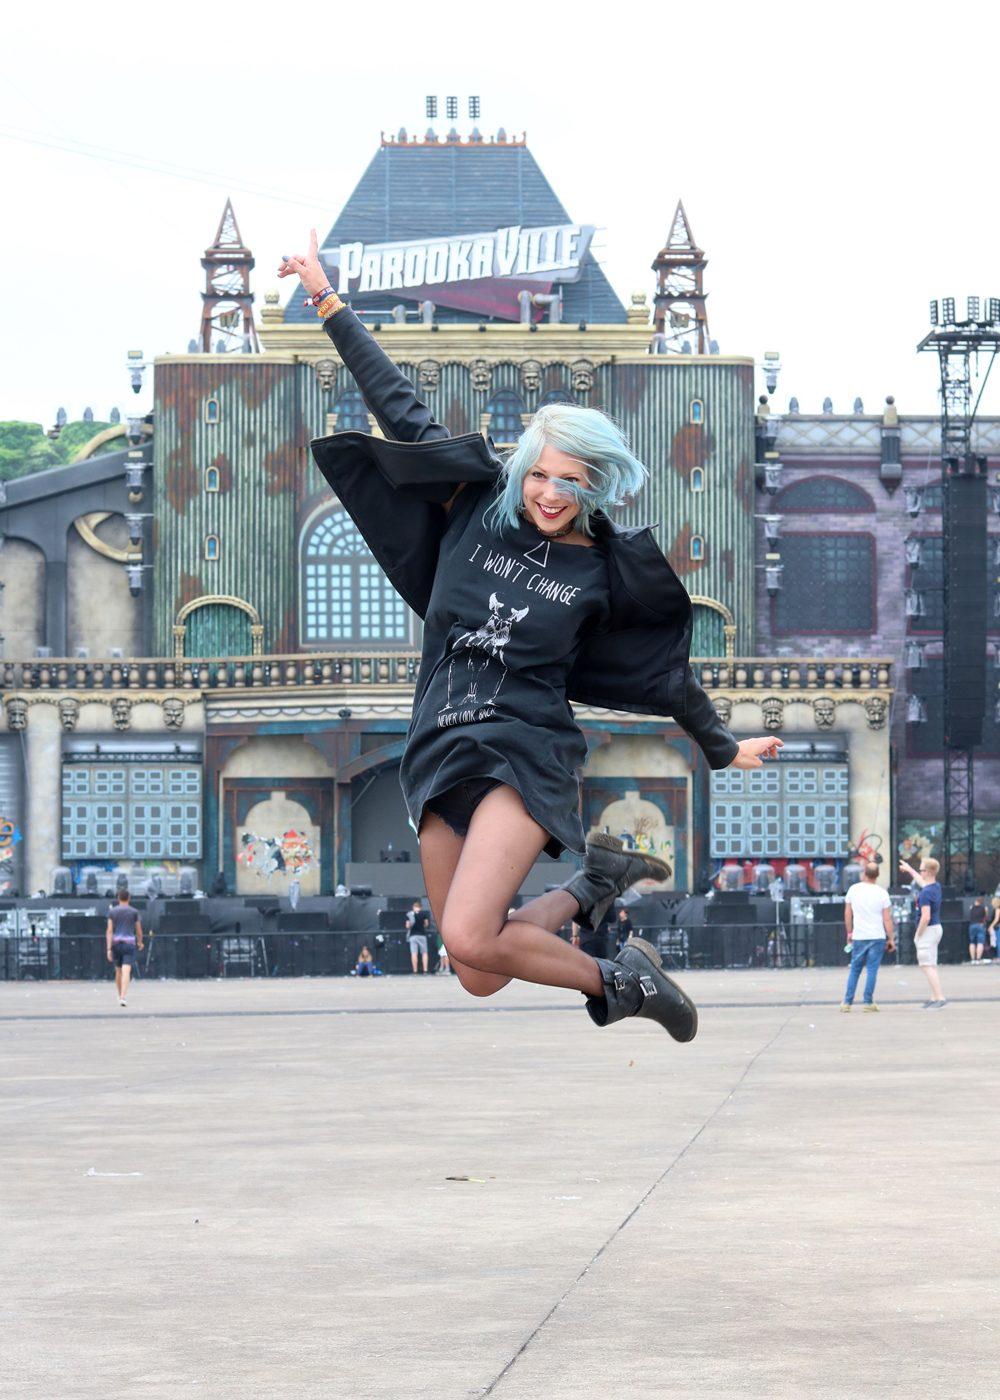 Festivaloutfit Parookaville Bikerlook Hut blaue Haare Fashionblogger (12)